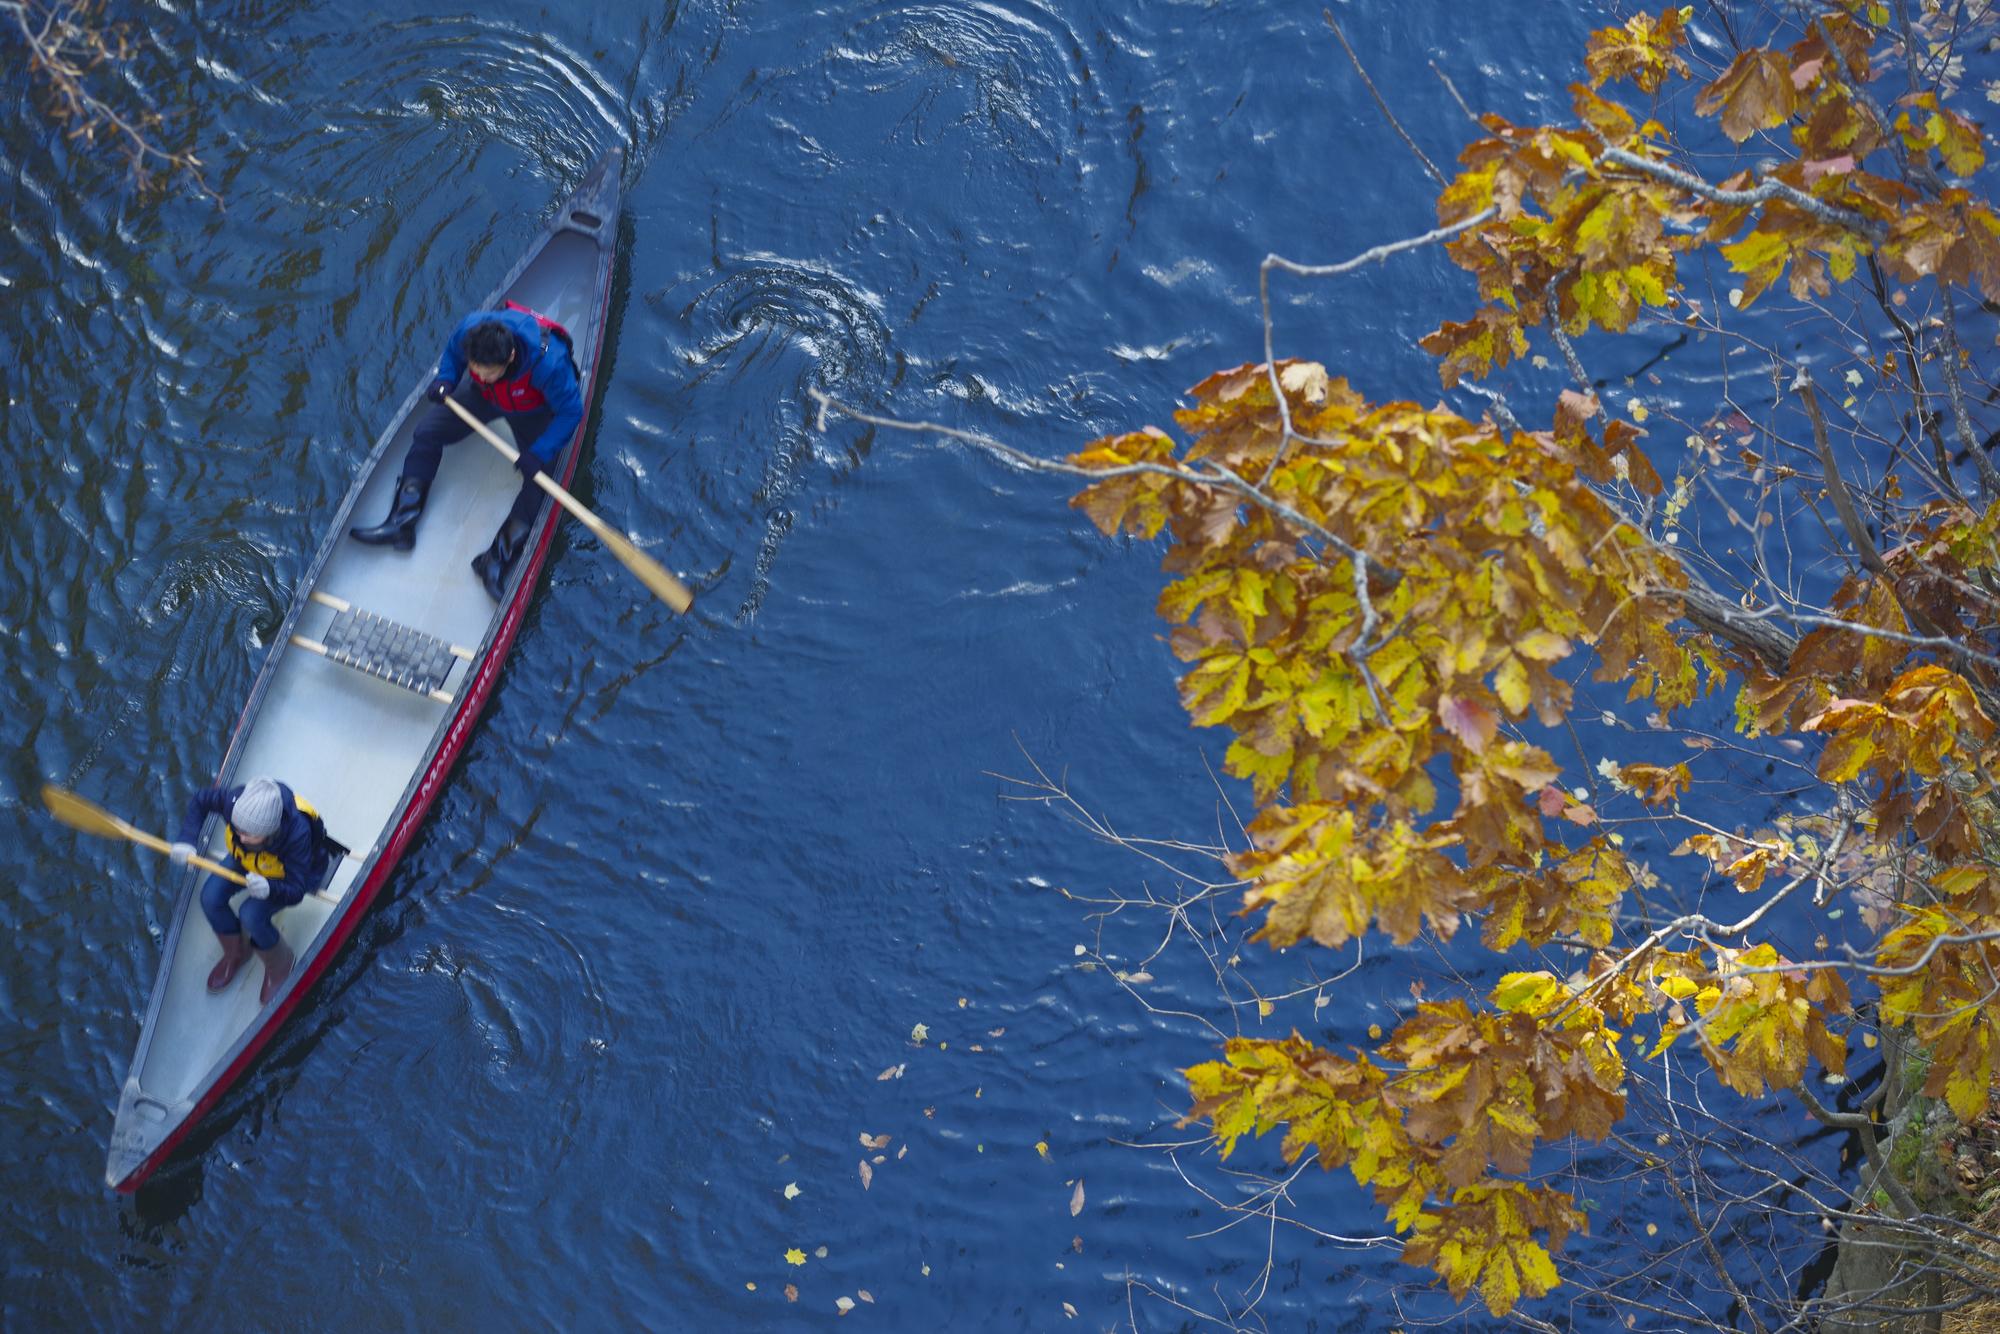 関東のカヌー体験スポット